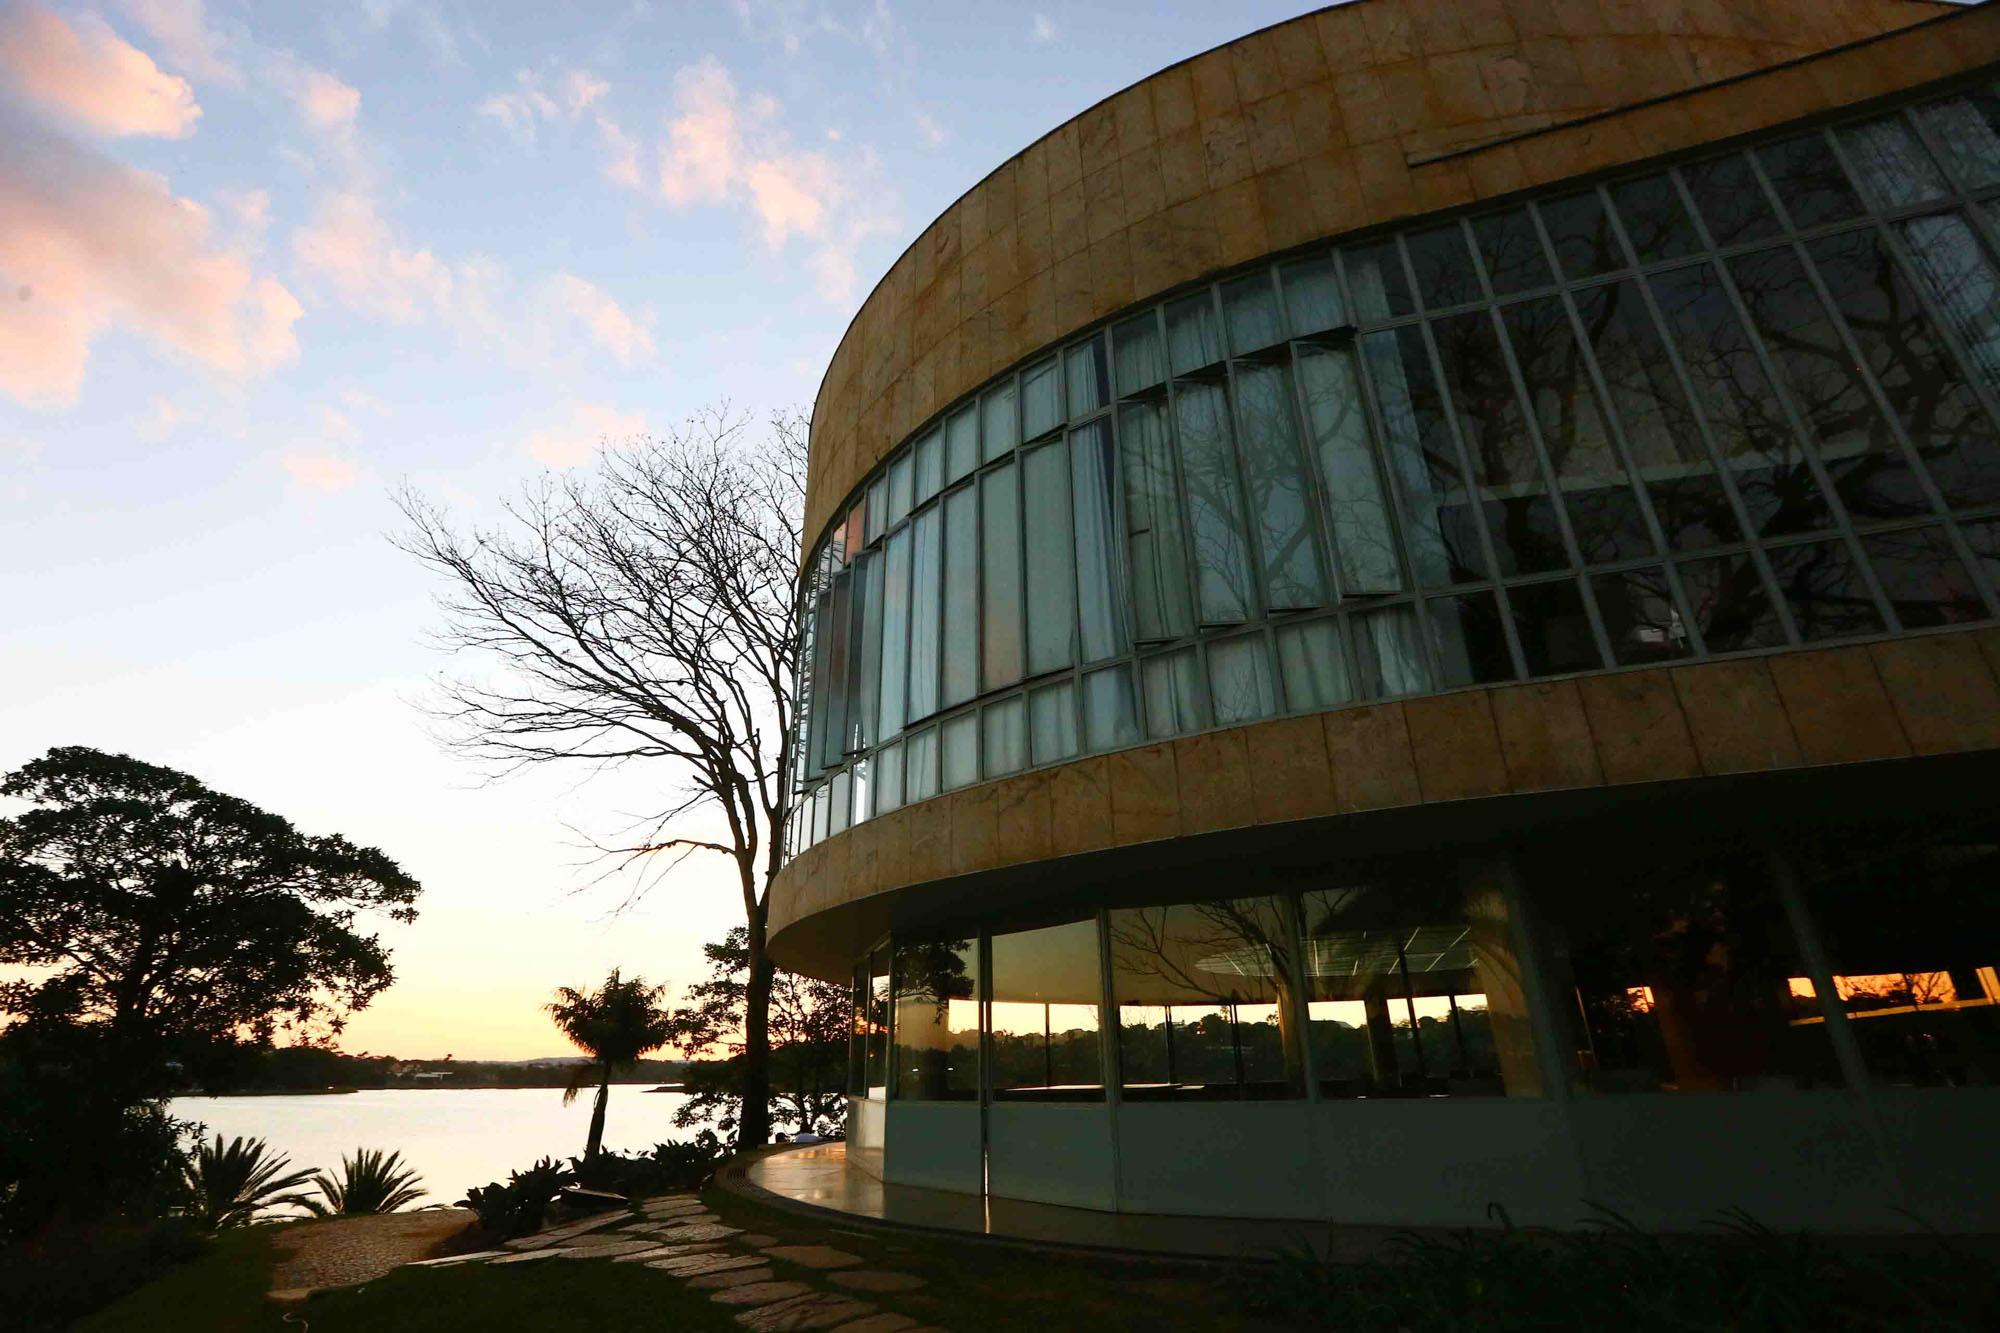 Museus de Belo Horizonte